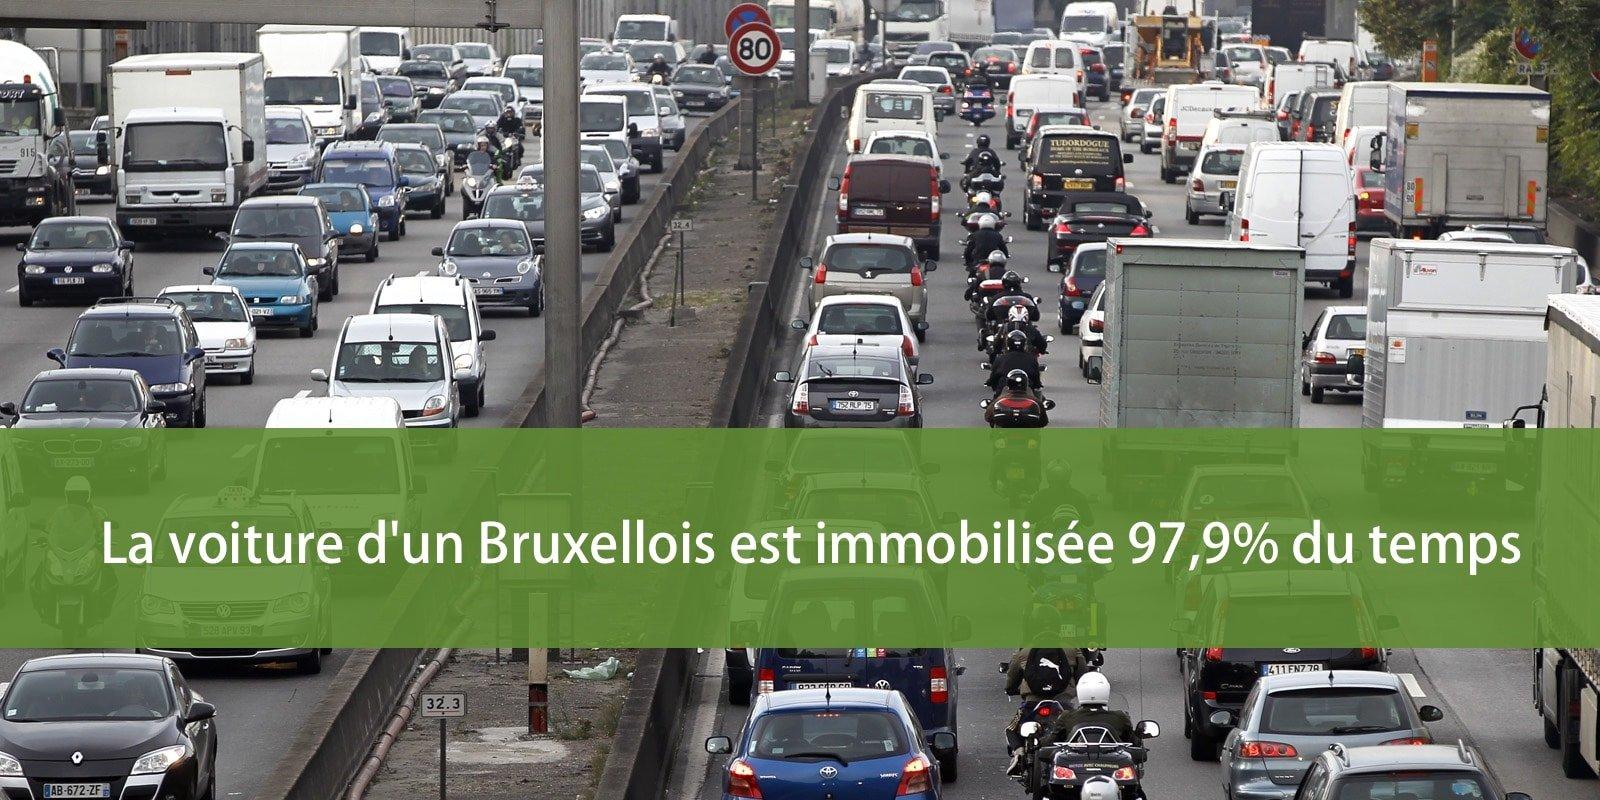 La voiture d'un Bruxellois est immobilisée 97,9% du temps.